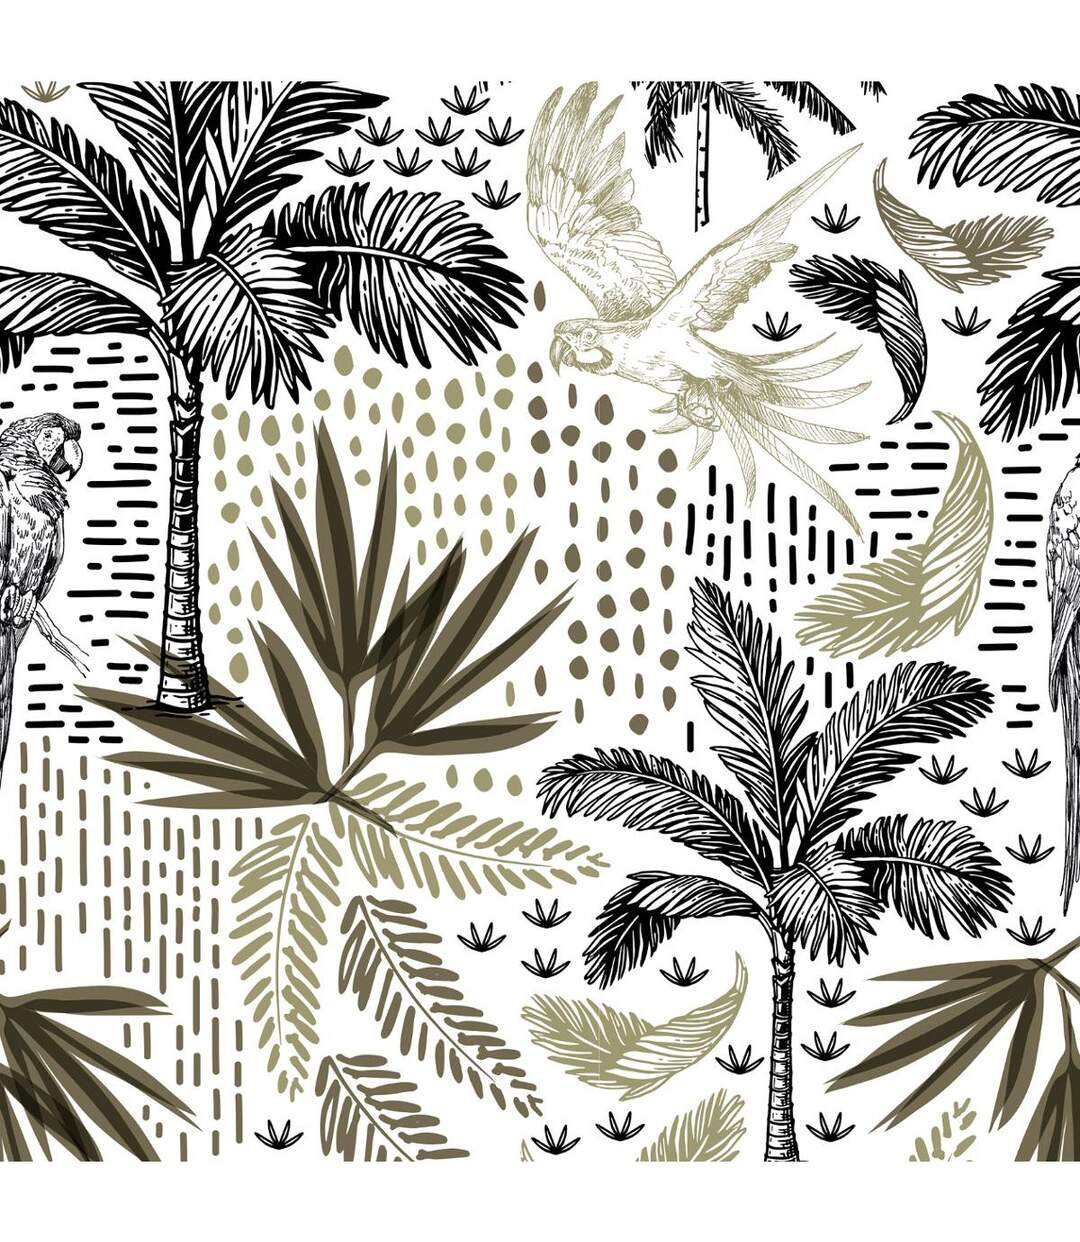 Atmosphera - Parure de lit 2 Personnes 240 x 220 cm Housse de couette avec 2 taies Imprimé Cuba